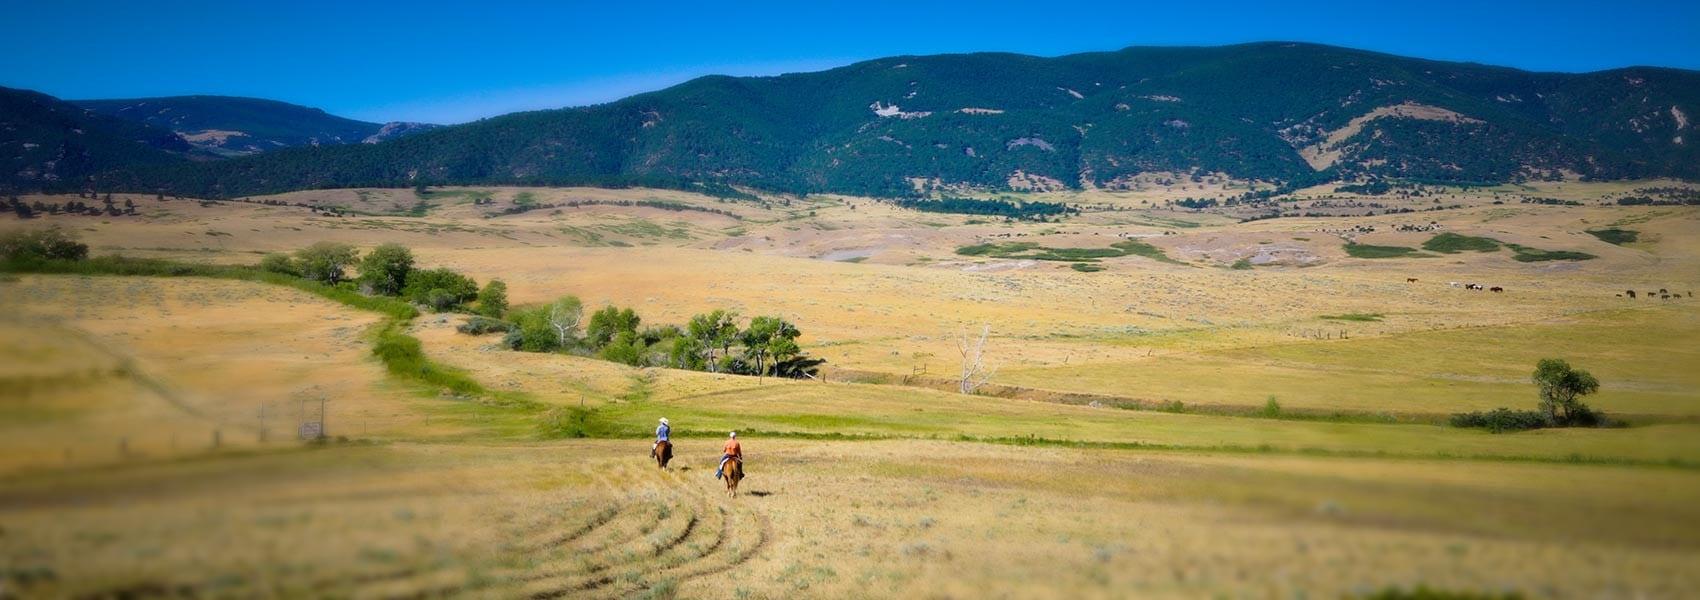 horseback riding at Eatons' Ranch